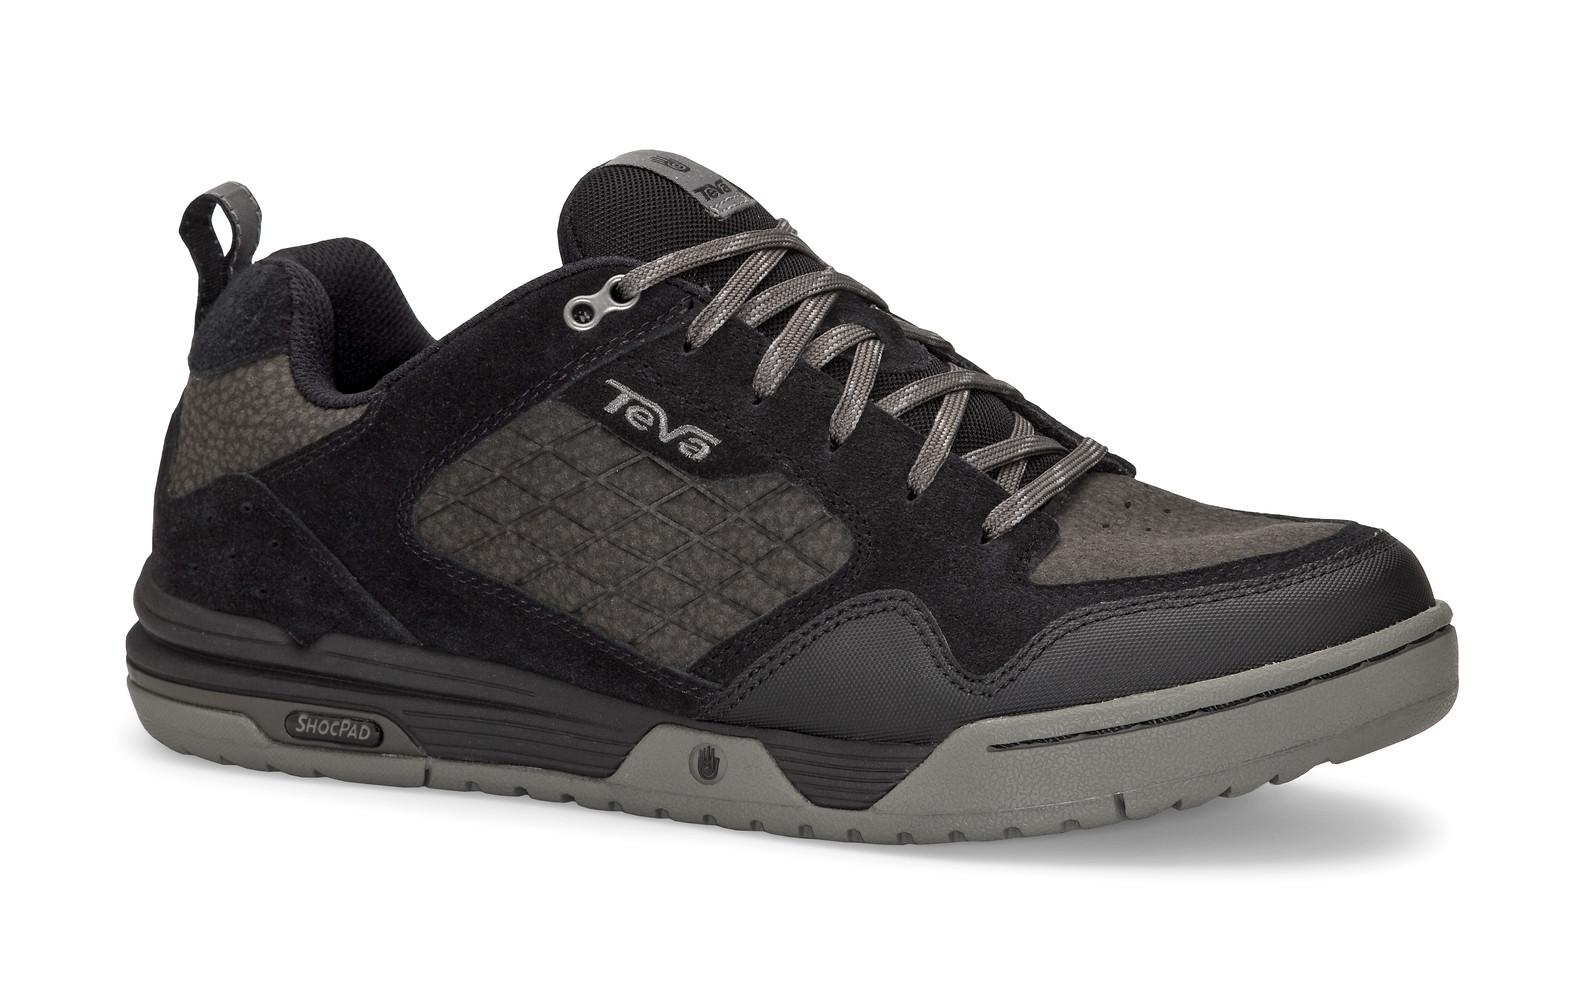 Teva Pinner Flat Pedal Shoe 4305_PINNER_BLK